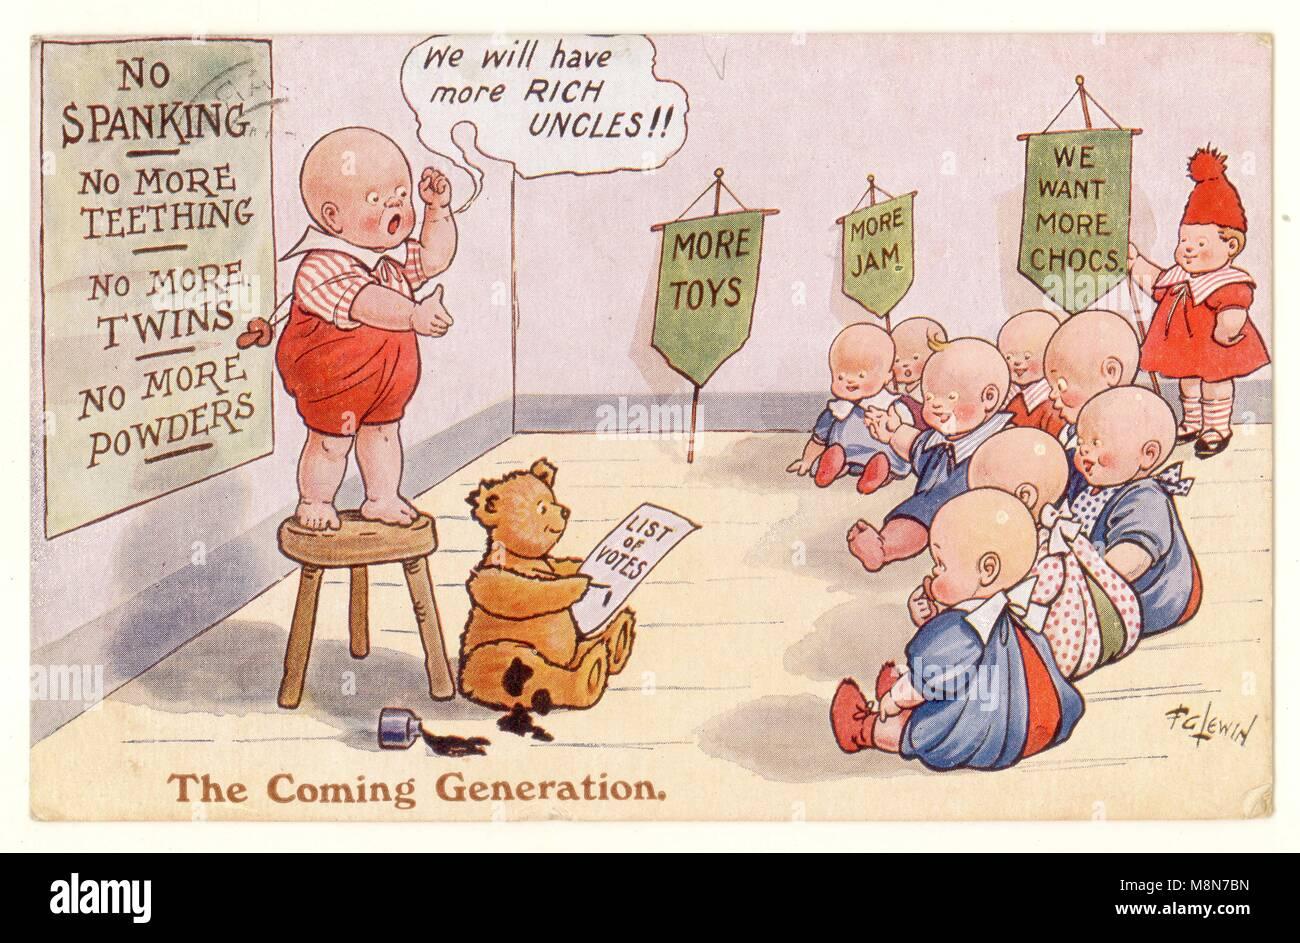 1920er Jahre Comic-Postkarte - die kommende Generation - über verwöhnte Kinder mit der Abstimmung, scheint ein Kommentar zum Wahlrecht zu sein - Stempel auf der Rückseite der Postkarte datiert dies auf möglicherweise zwischen 1924 und 1926. Die Darstellung des Volkes Act von 1928 – gab das gleiche Wahlrecht für Frauen und Männer, Mit Abstimmung möglich bei 21 ohne Eigentumsbeschränkungen, Großbritannien Stockfoto